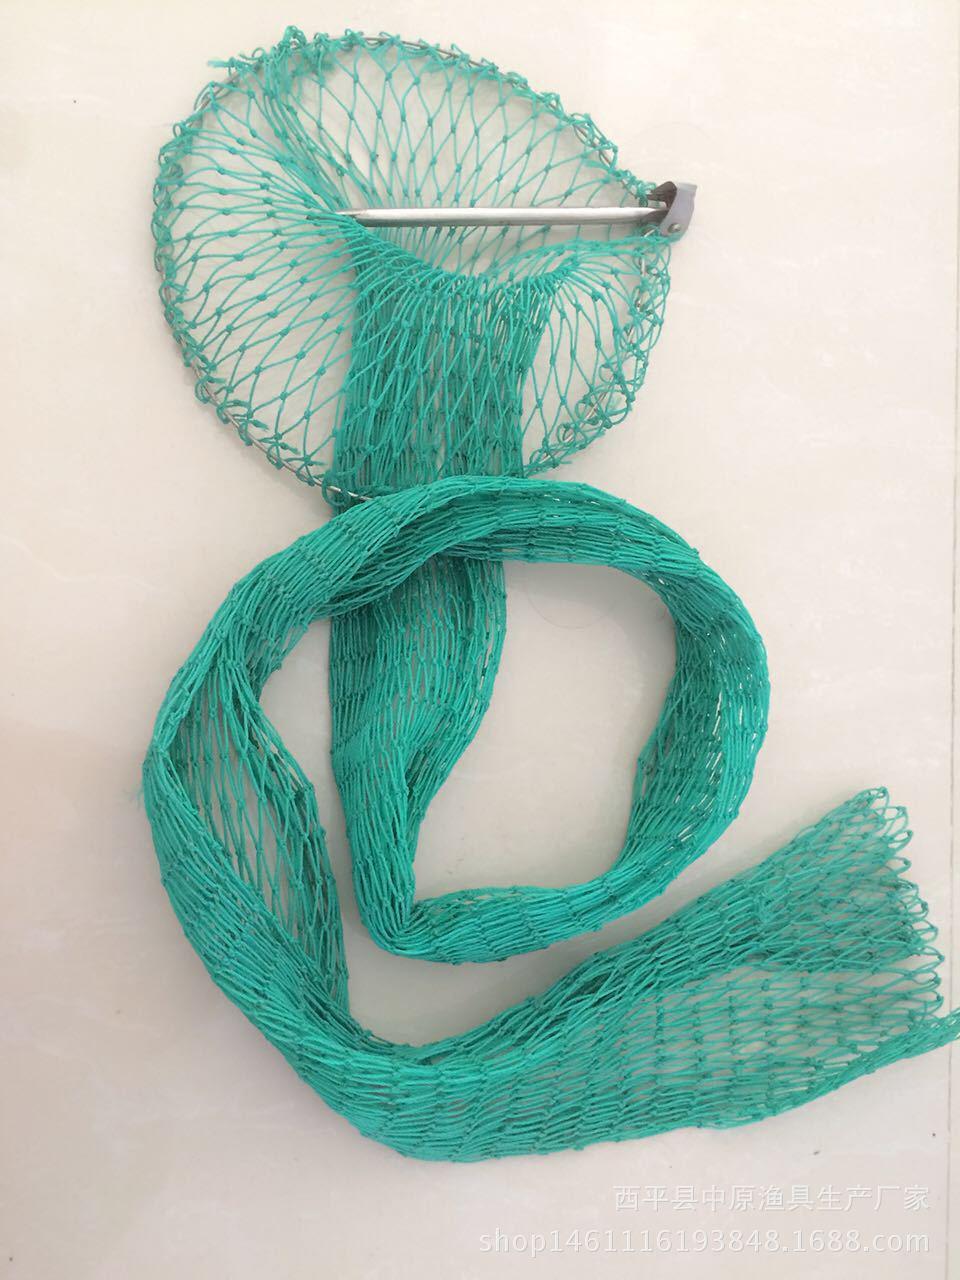 鱼网扣围巾织法图解